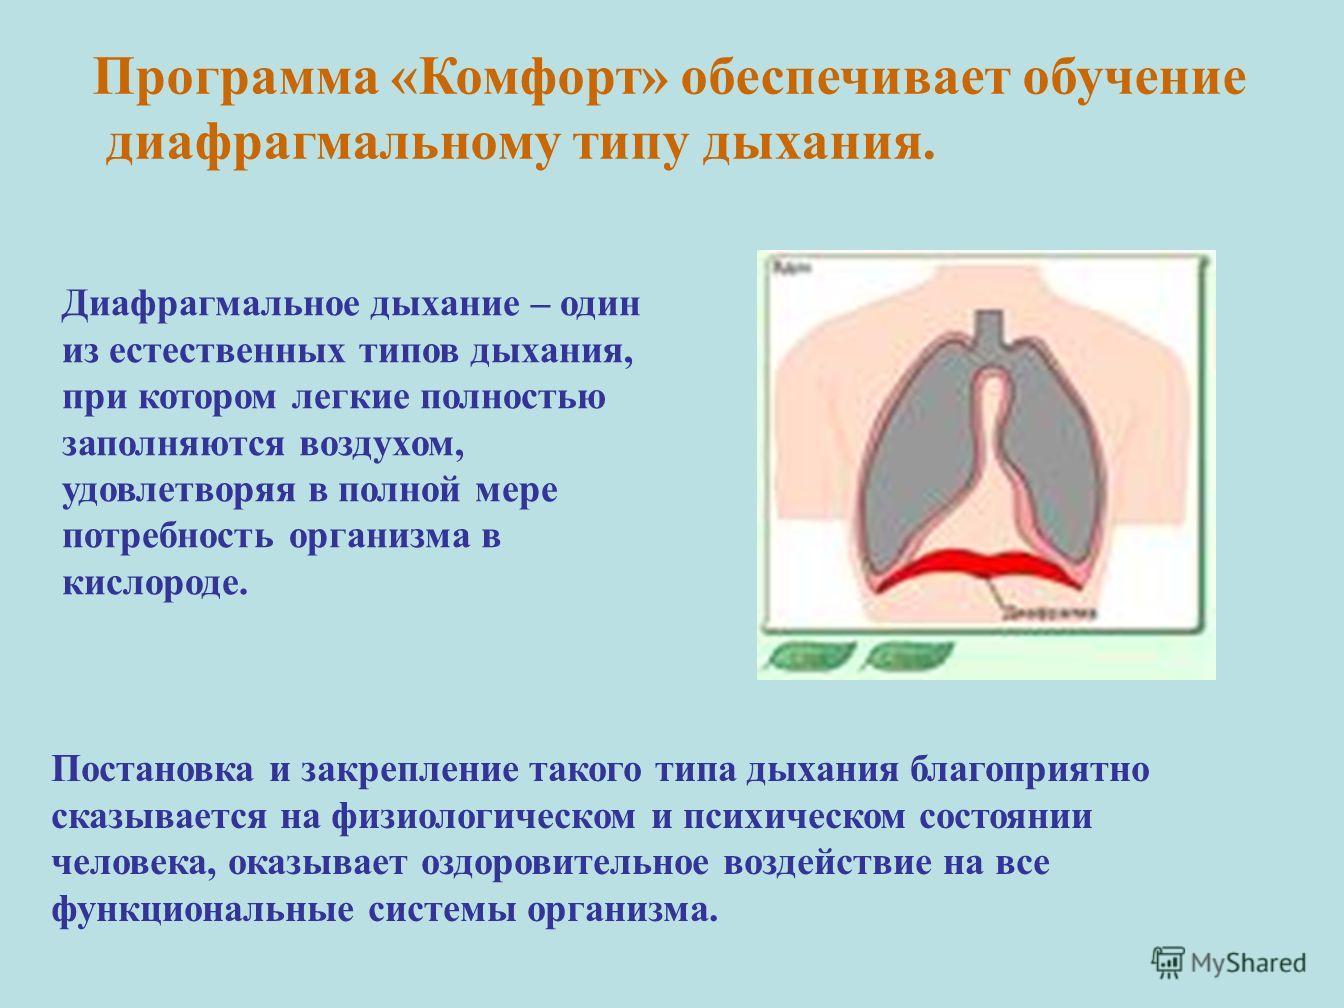 Программа «Комфорт» обеспечивает обучение диафрагмальному типу дыхания. Диафрагмальное дыхание – один из естественных типов дыхания, при котором легкие полностью заполняются воздухом, удовлетворяя в полной мере потребность организма в кислороде. Пост